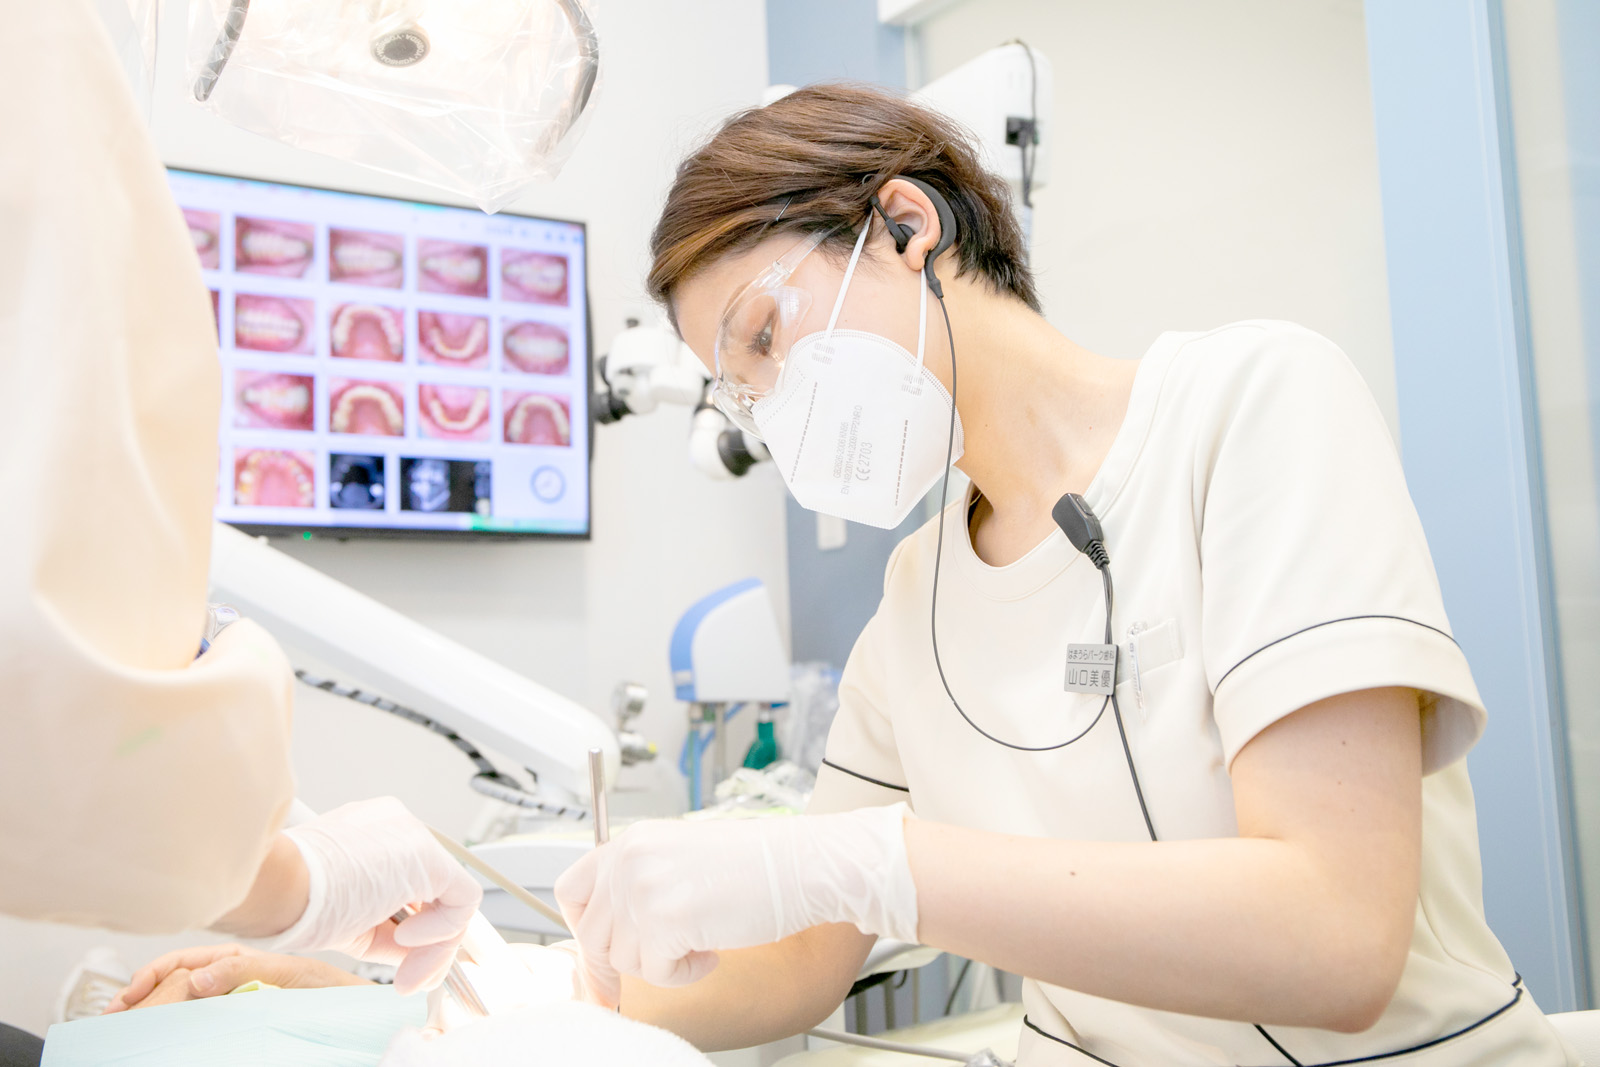 虫歯・歯周病の治療を繰り返さなくてもいい「未来」へ